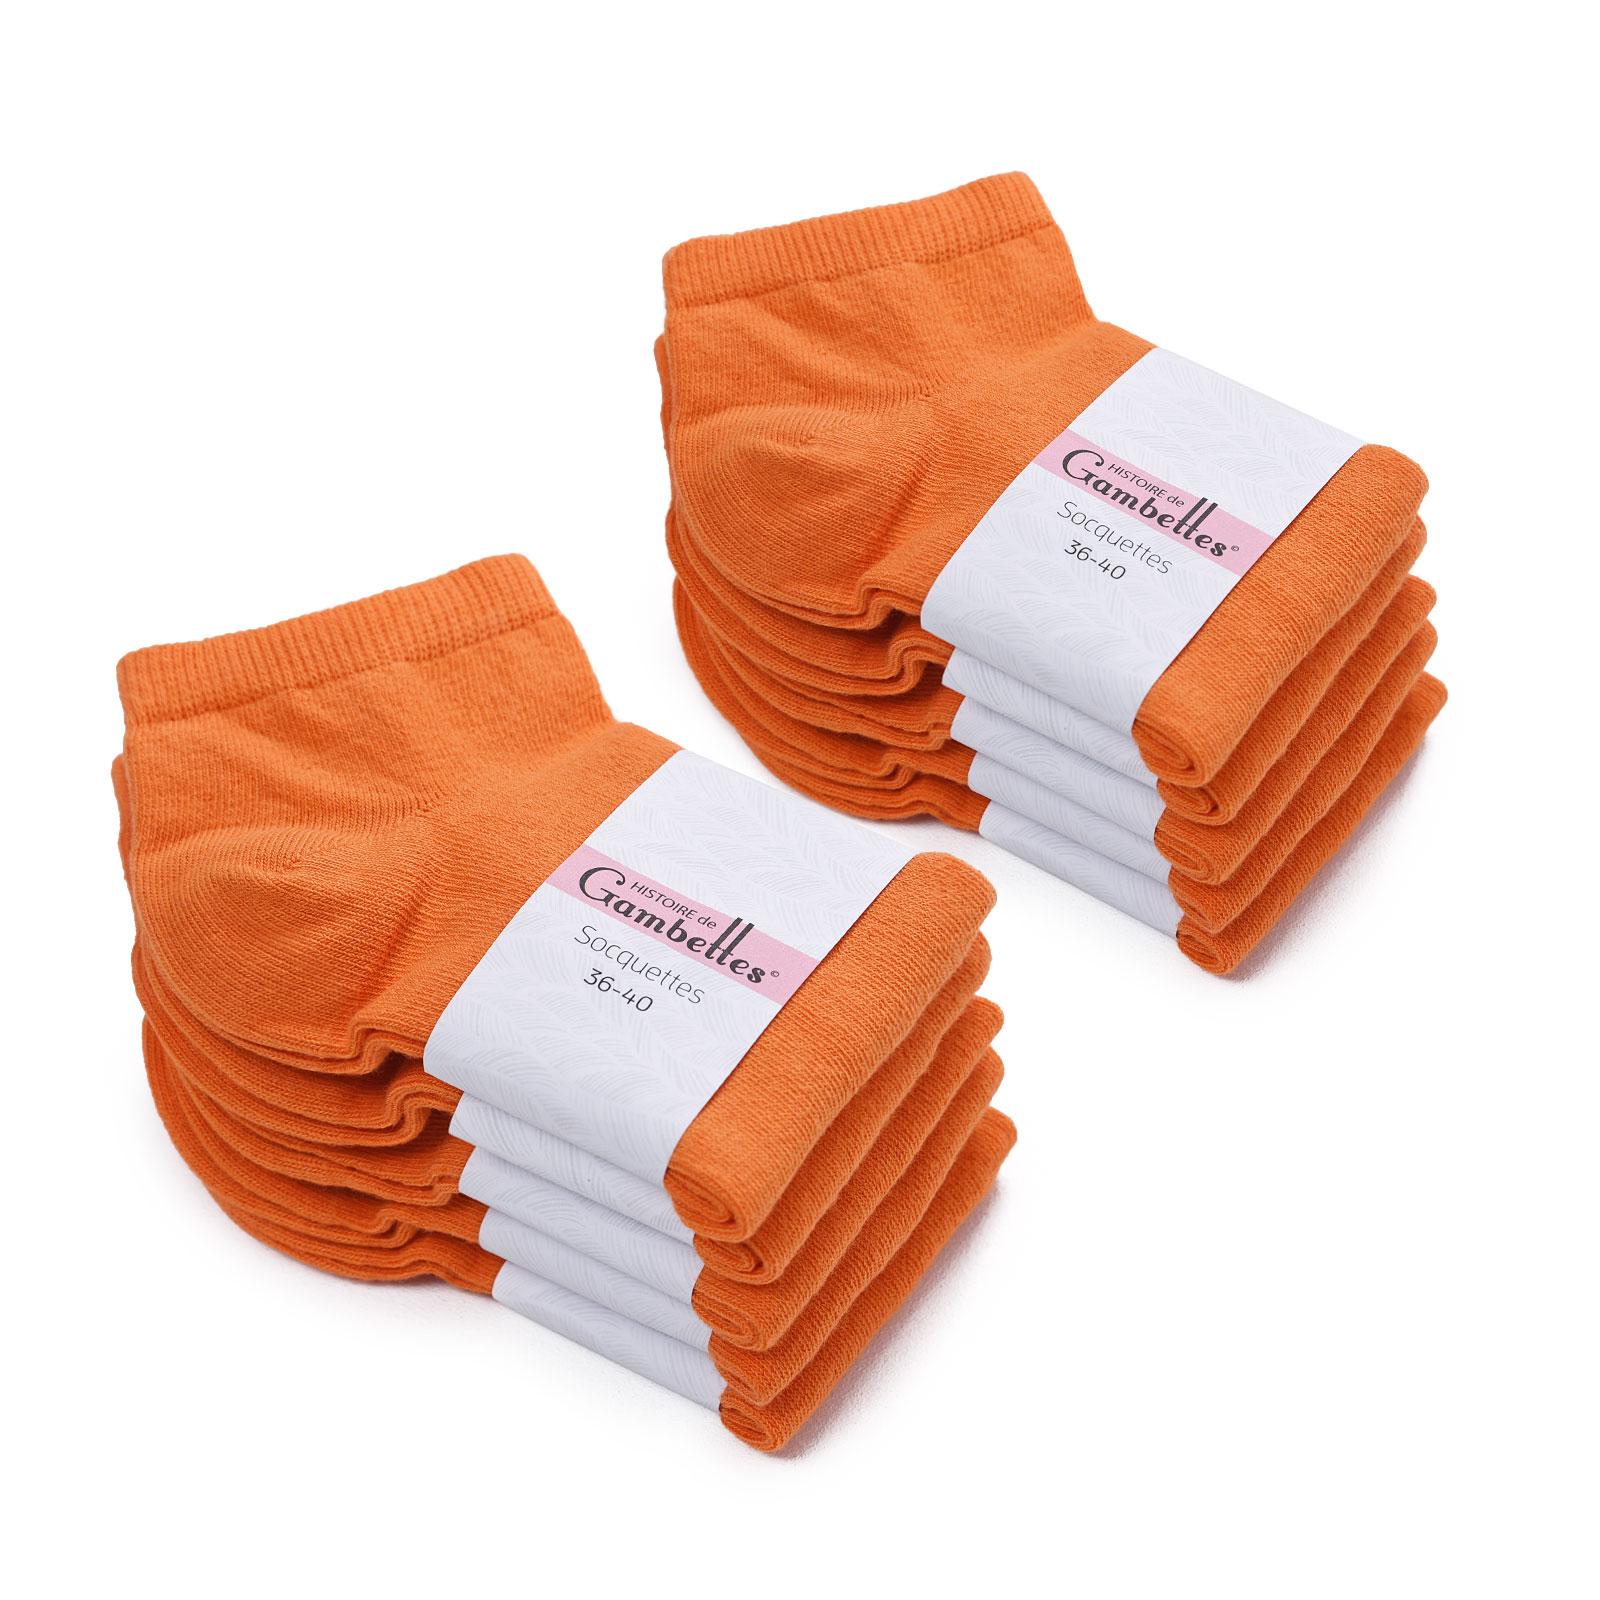 CH-00342-F16-soquettes-femme-coton-orange-10-paires